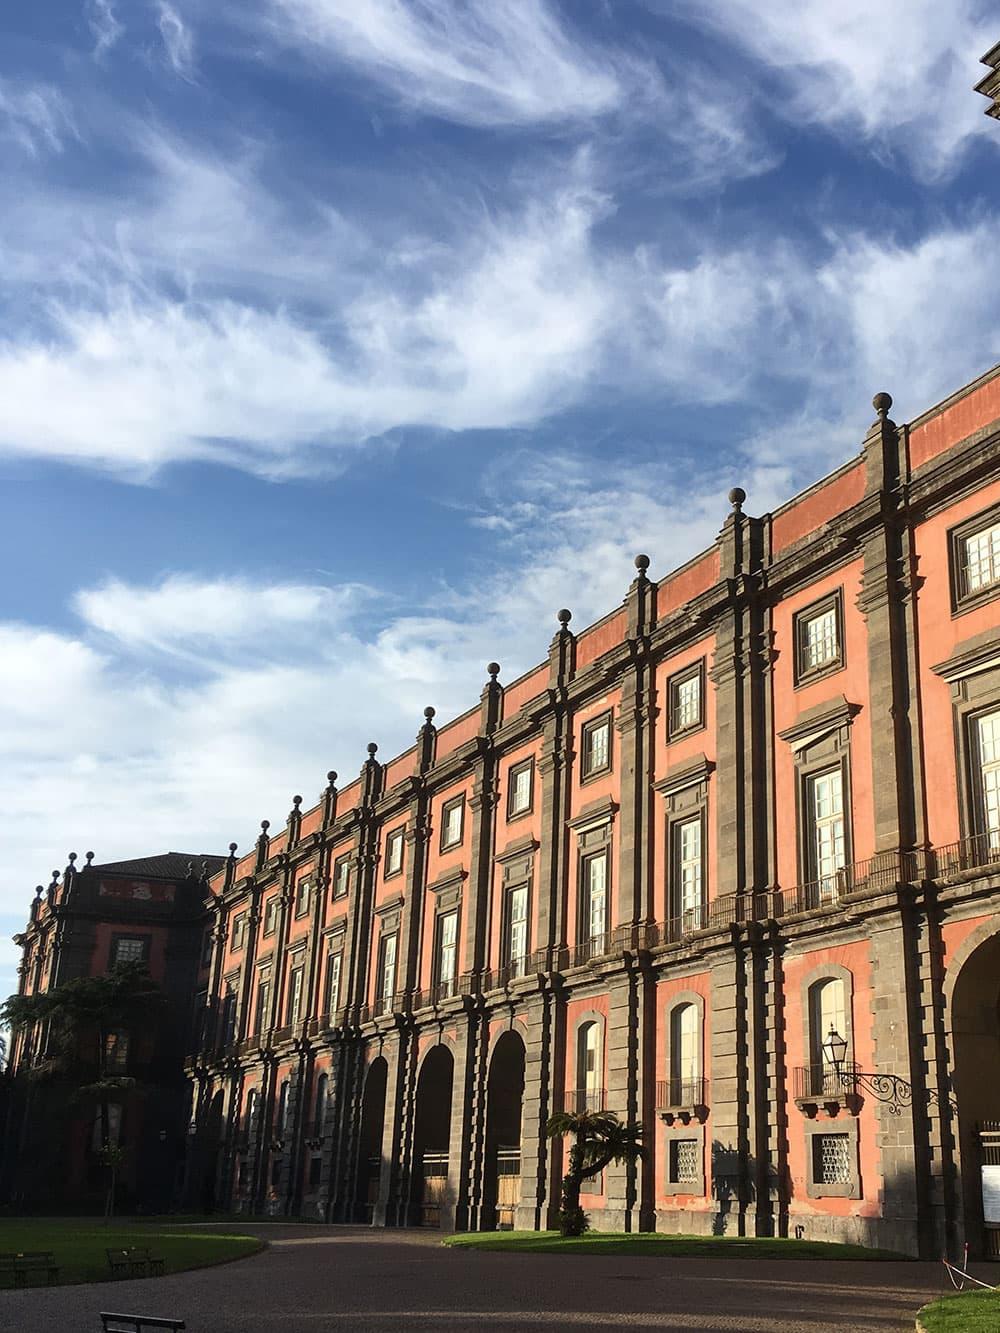 Capodimonte Palace facade